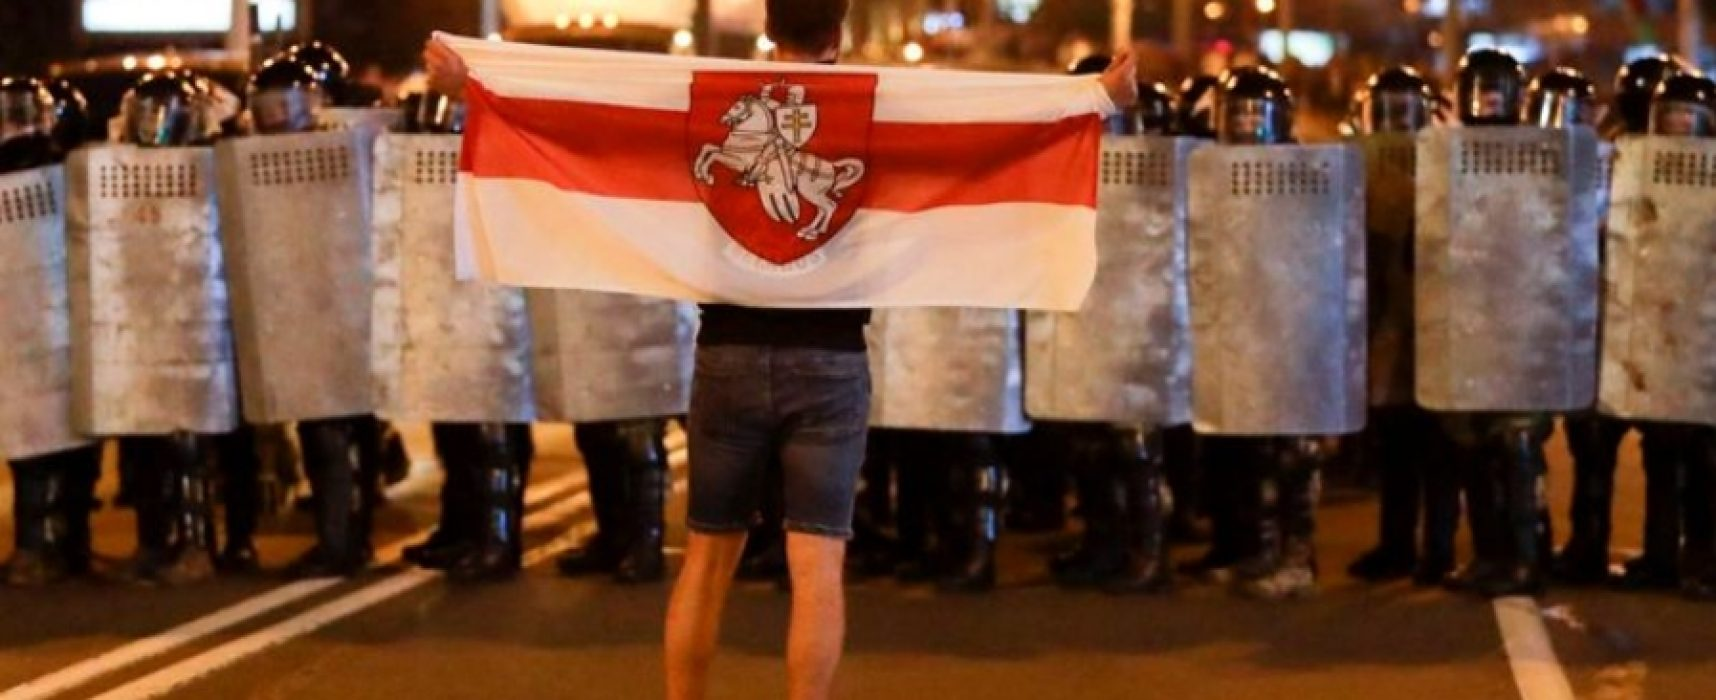 Спад протестів, долари для протестувальників і сакральна жертва: головні фейки російських ЗМІ про Білорусь